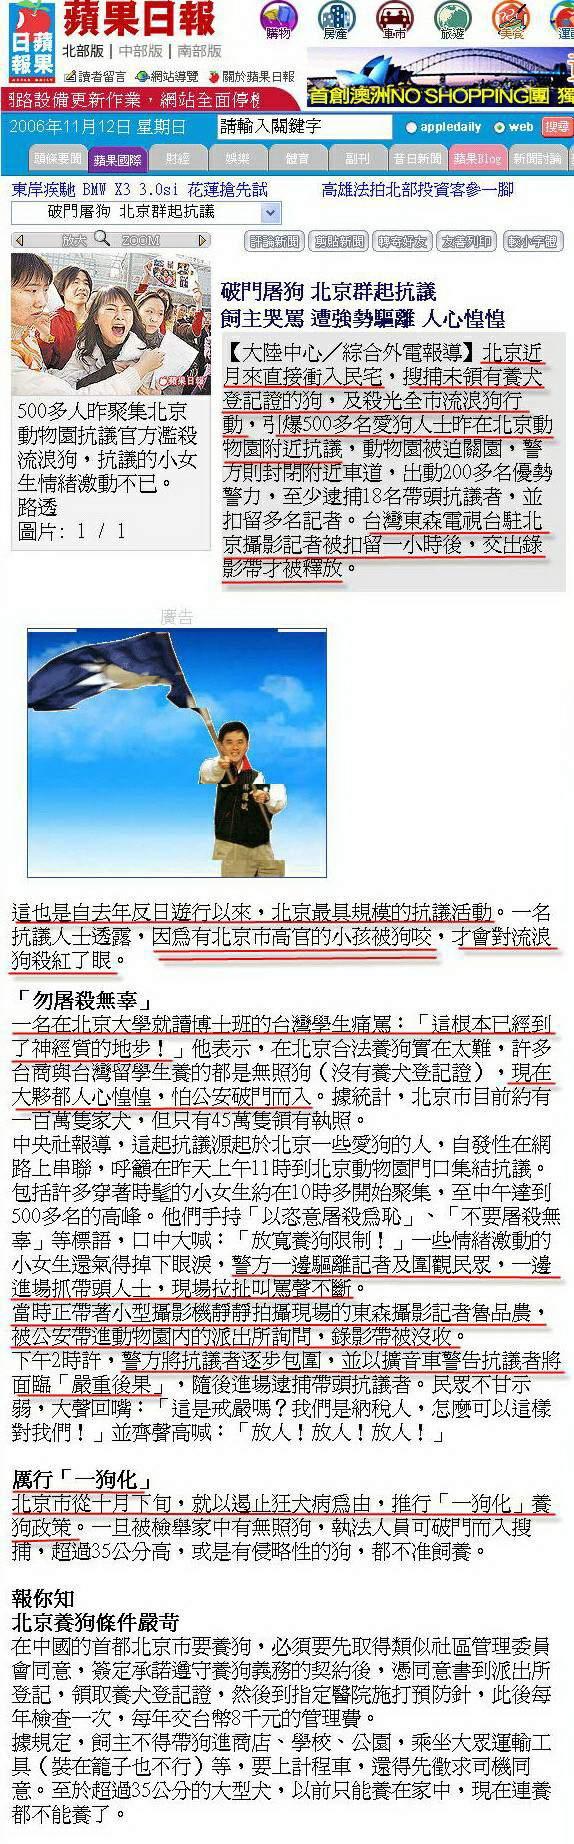 破門屠狗 北京人群起抗議-2006.11.12-01.jpg